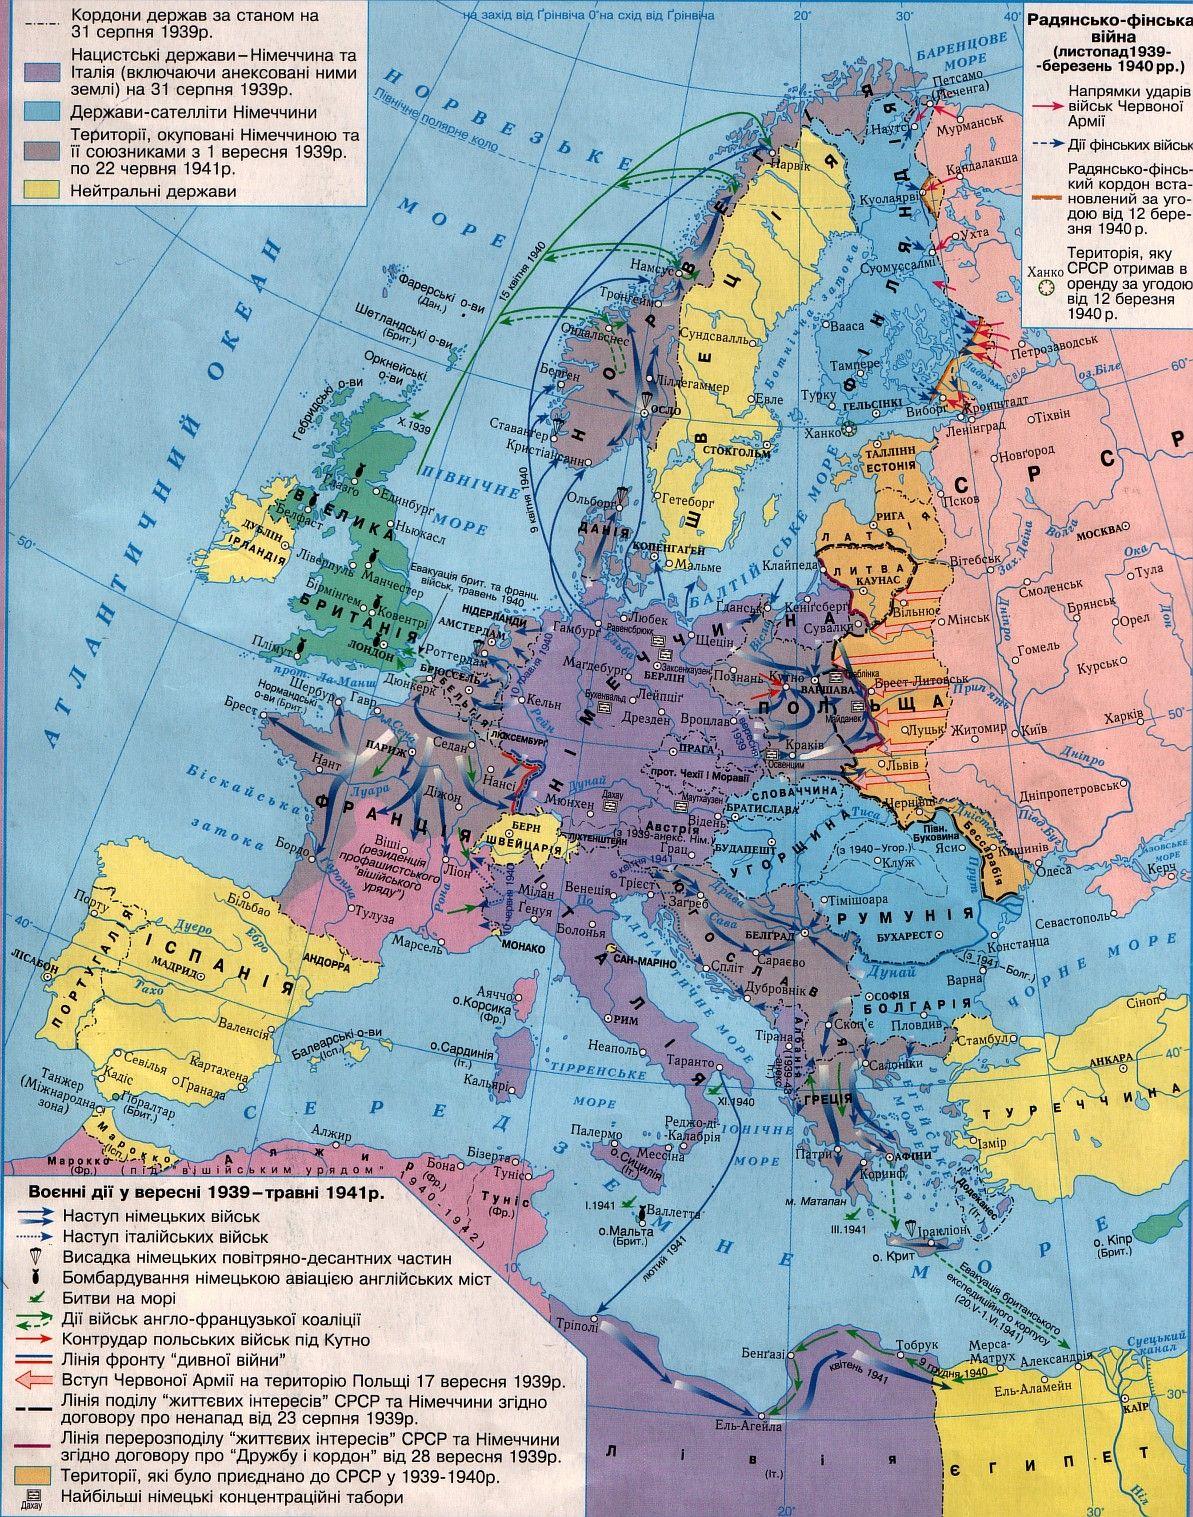 2 Ya Mirovaya Vojna Evropa 1939 1941 Karta 1 Karta Mirovaya